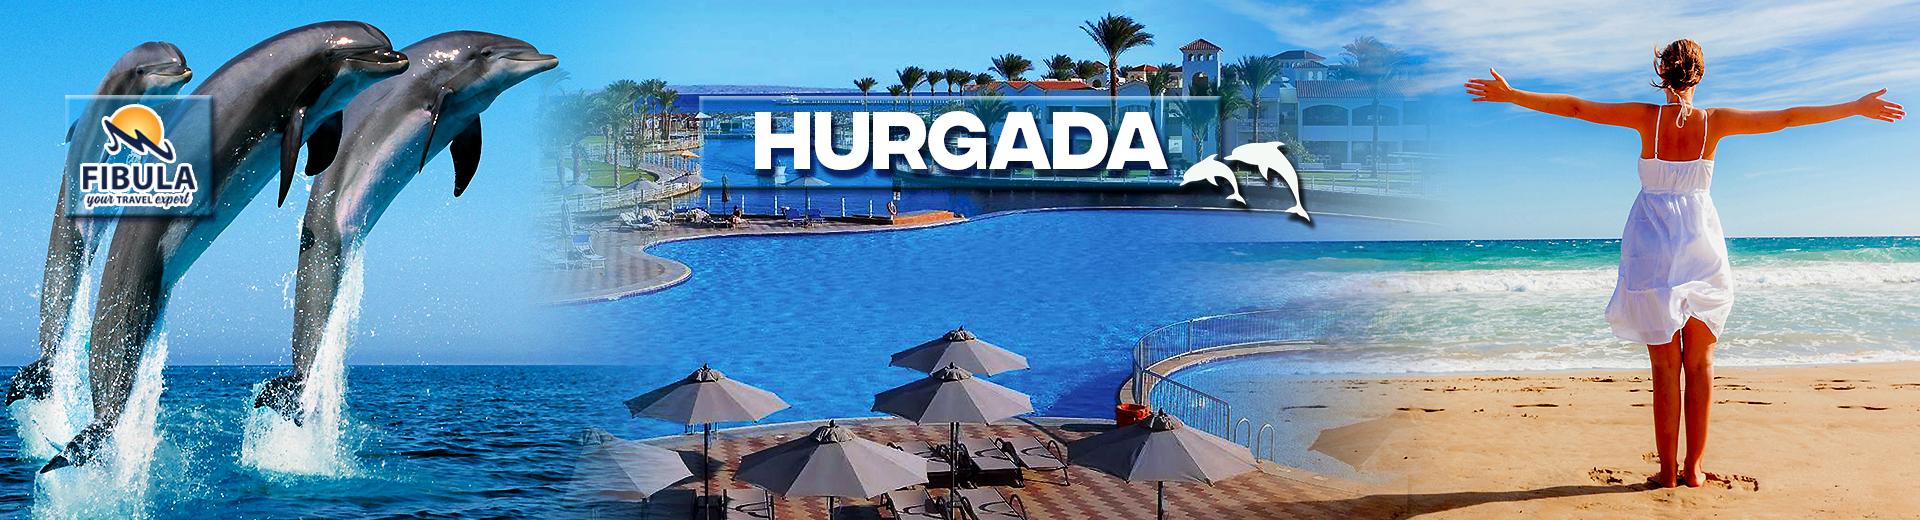 Hurgada hoteli avionom 2021